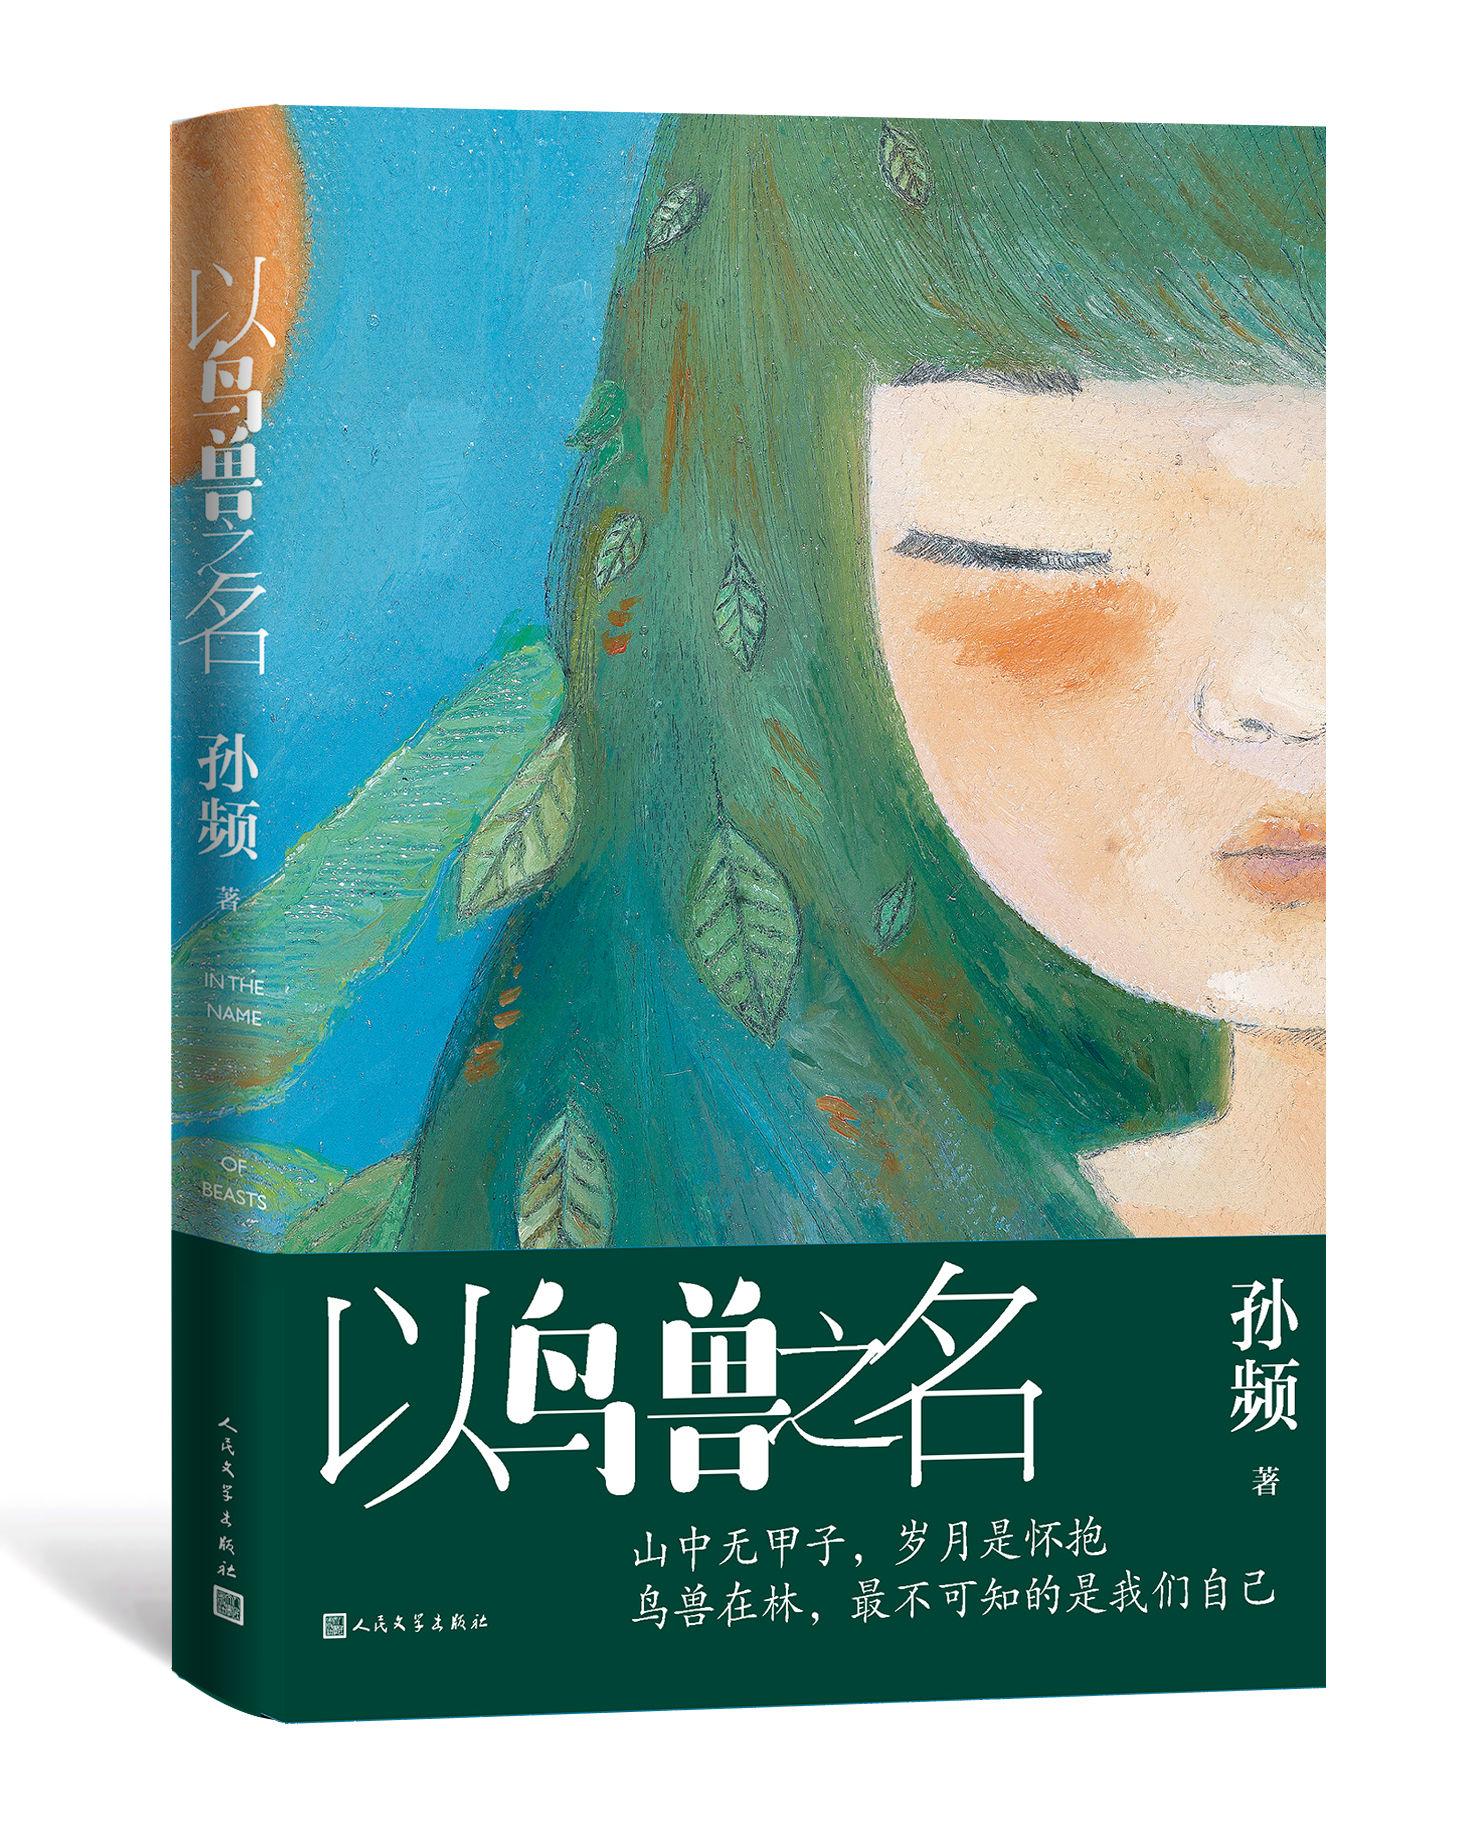 青年作家孙频转型之作《以鸟兽之名》上市,一部具有《桃花源记》遗风的作品